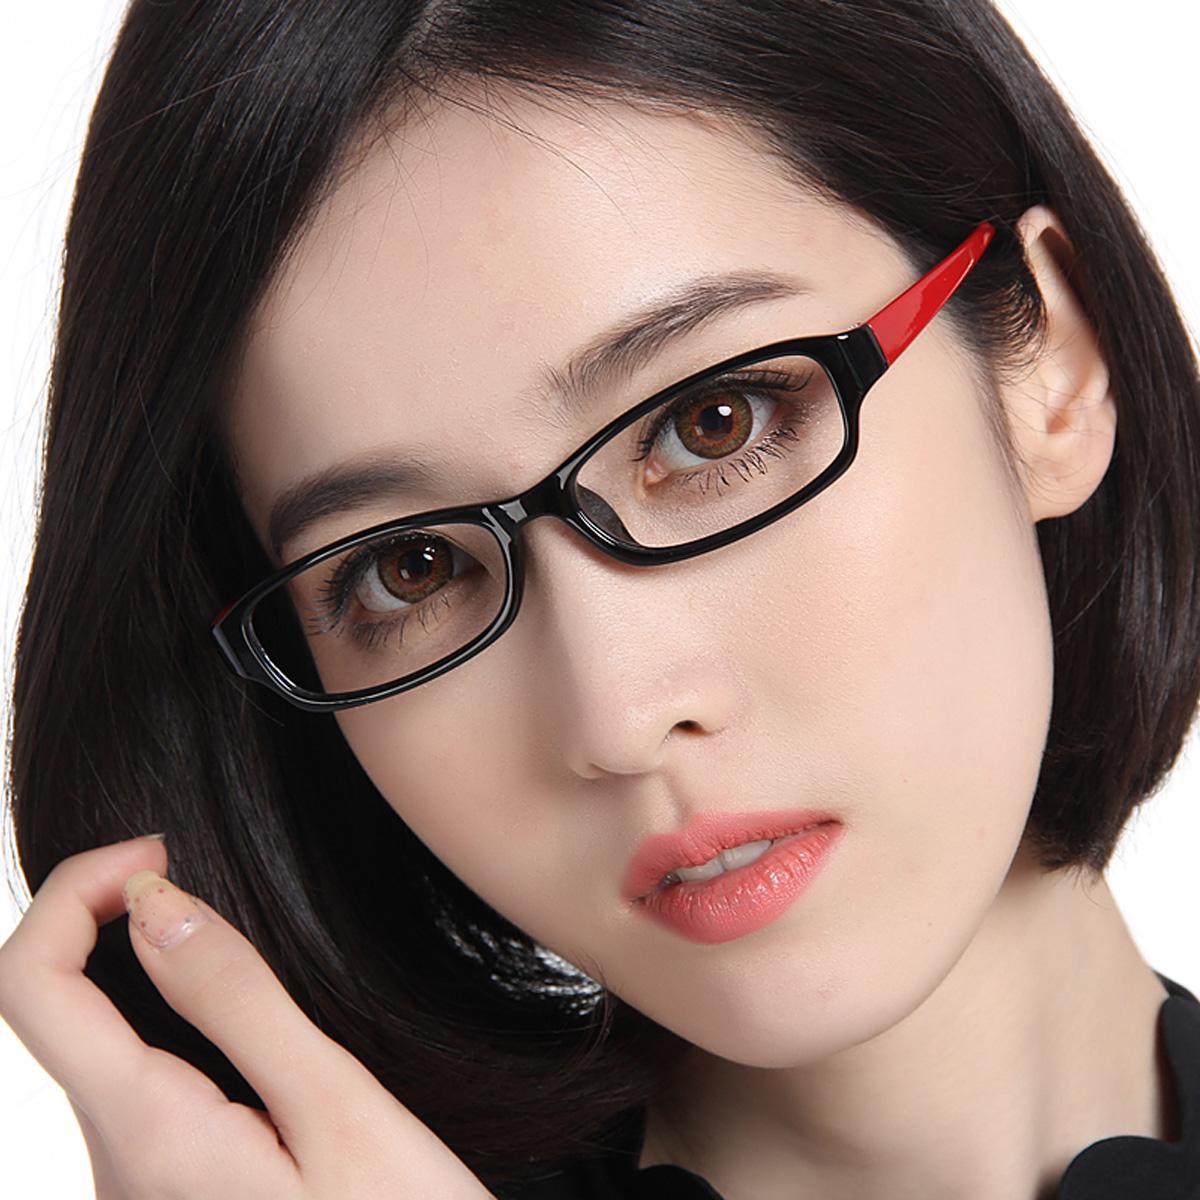 Очки для близорукости кадры Суперлайт TR90 женщин сталкиваются с круглым лицом с очки мода поле кадры мигает красным светом ноги